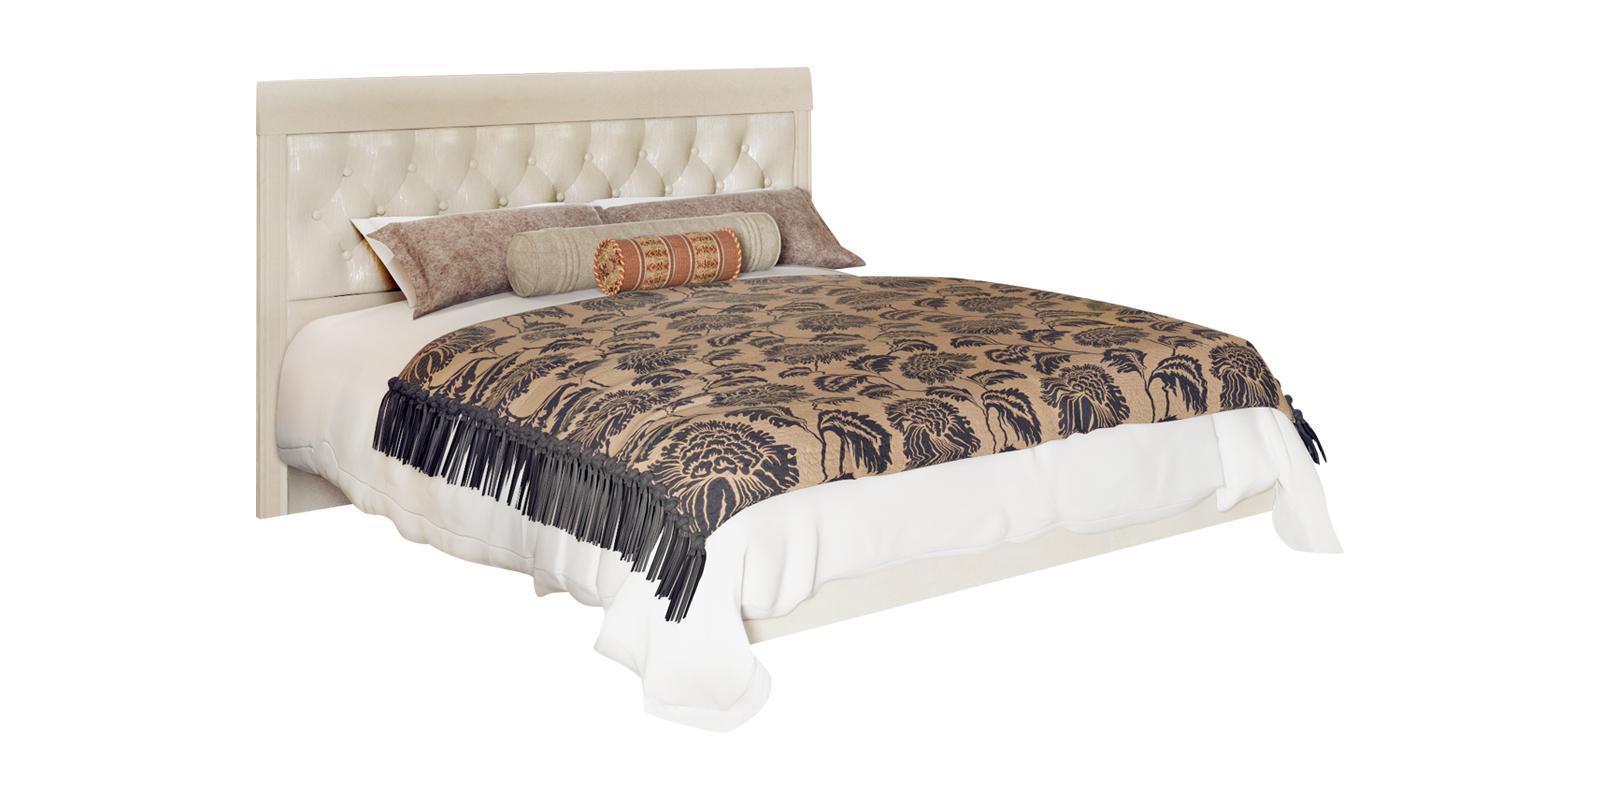 Кровать каркасная 200х160 Лацио без подъемного механизма (бежевый)